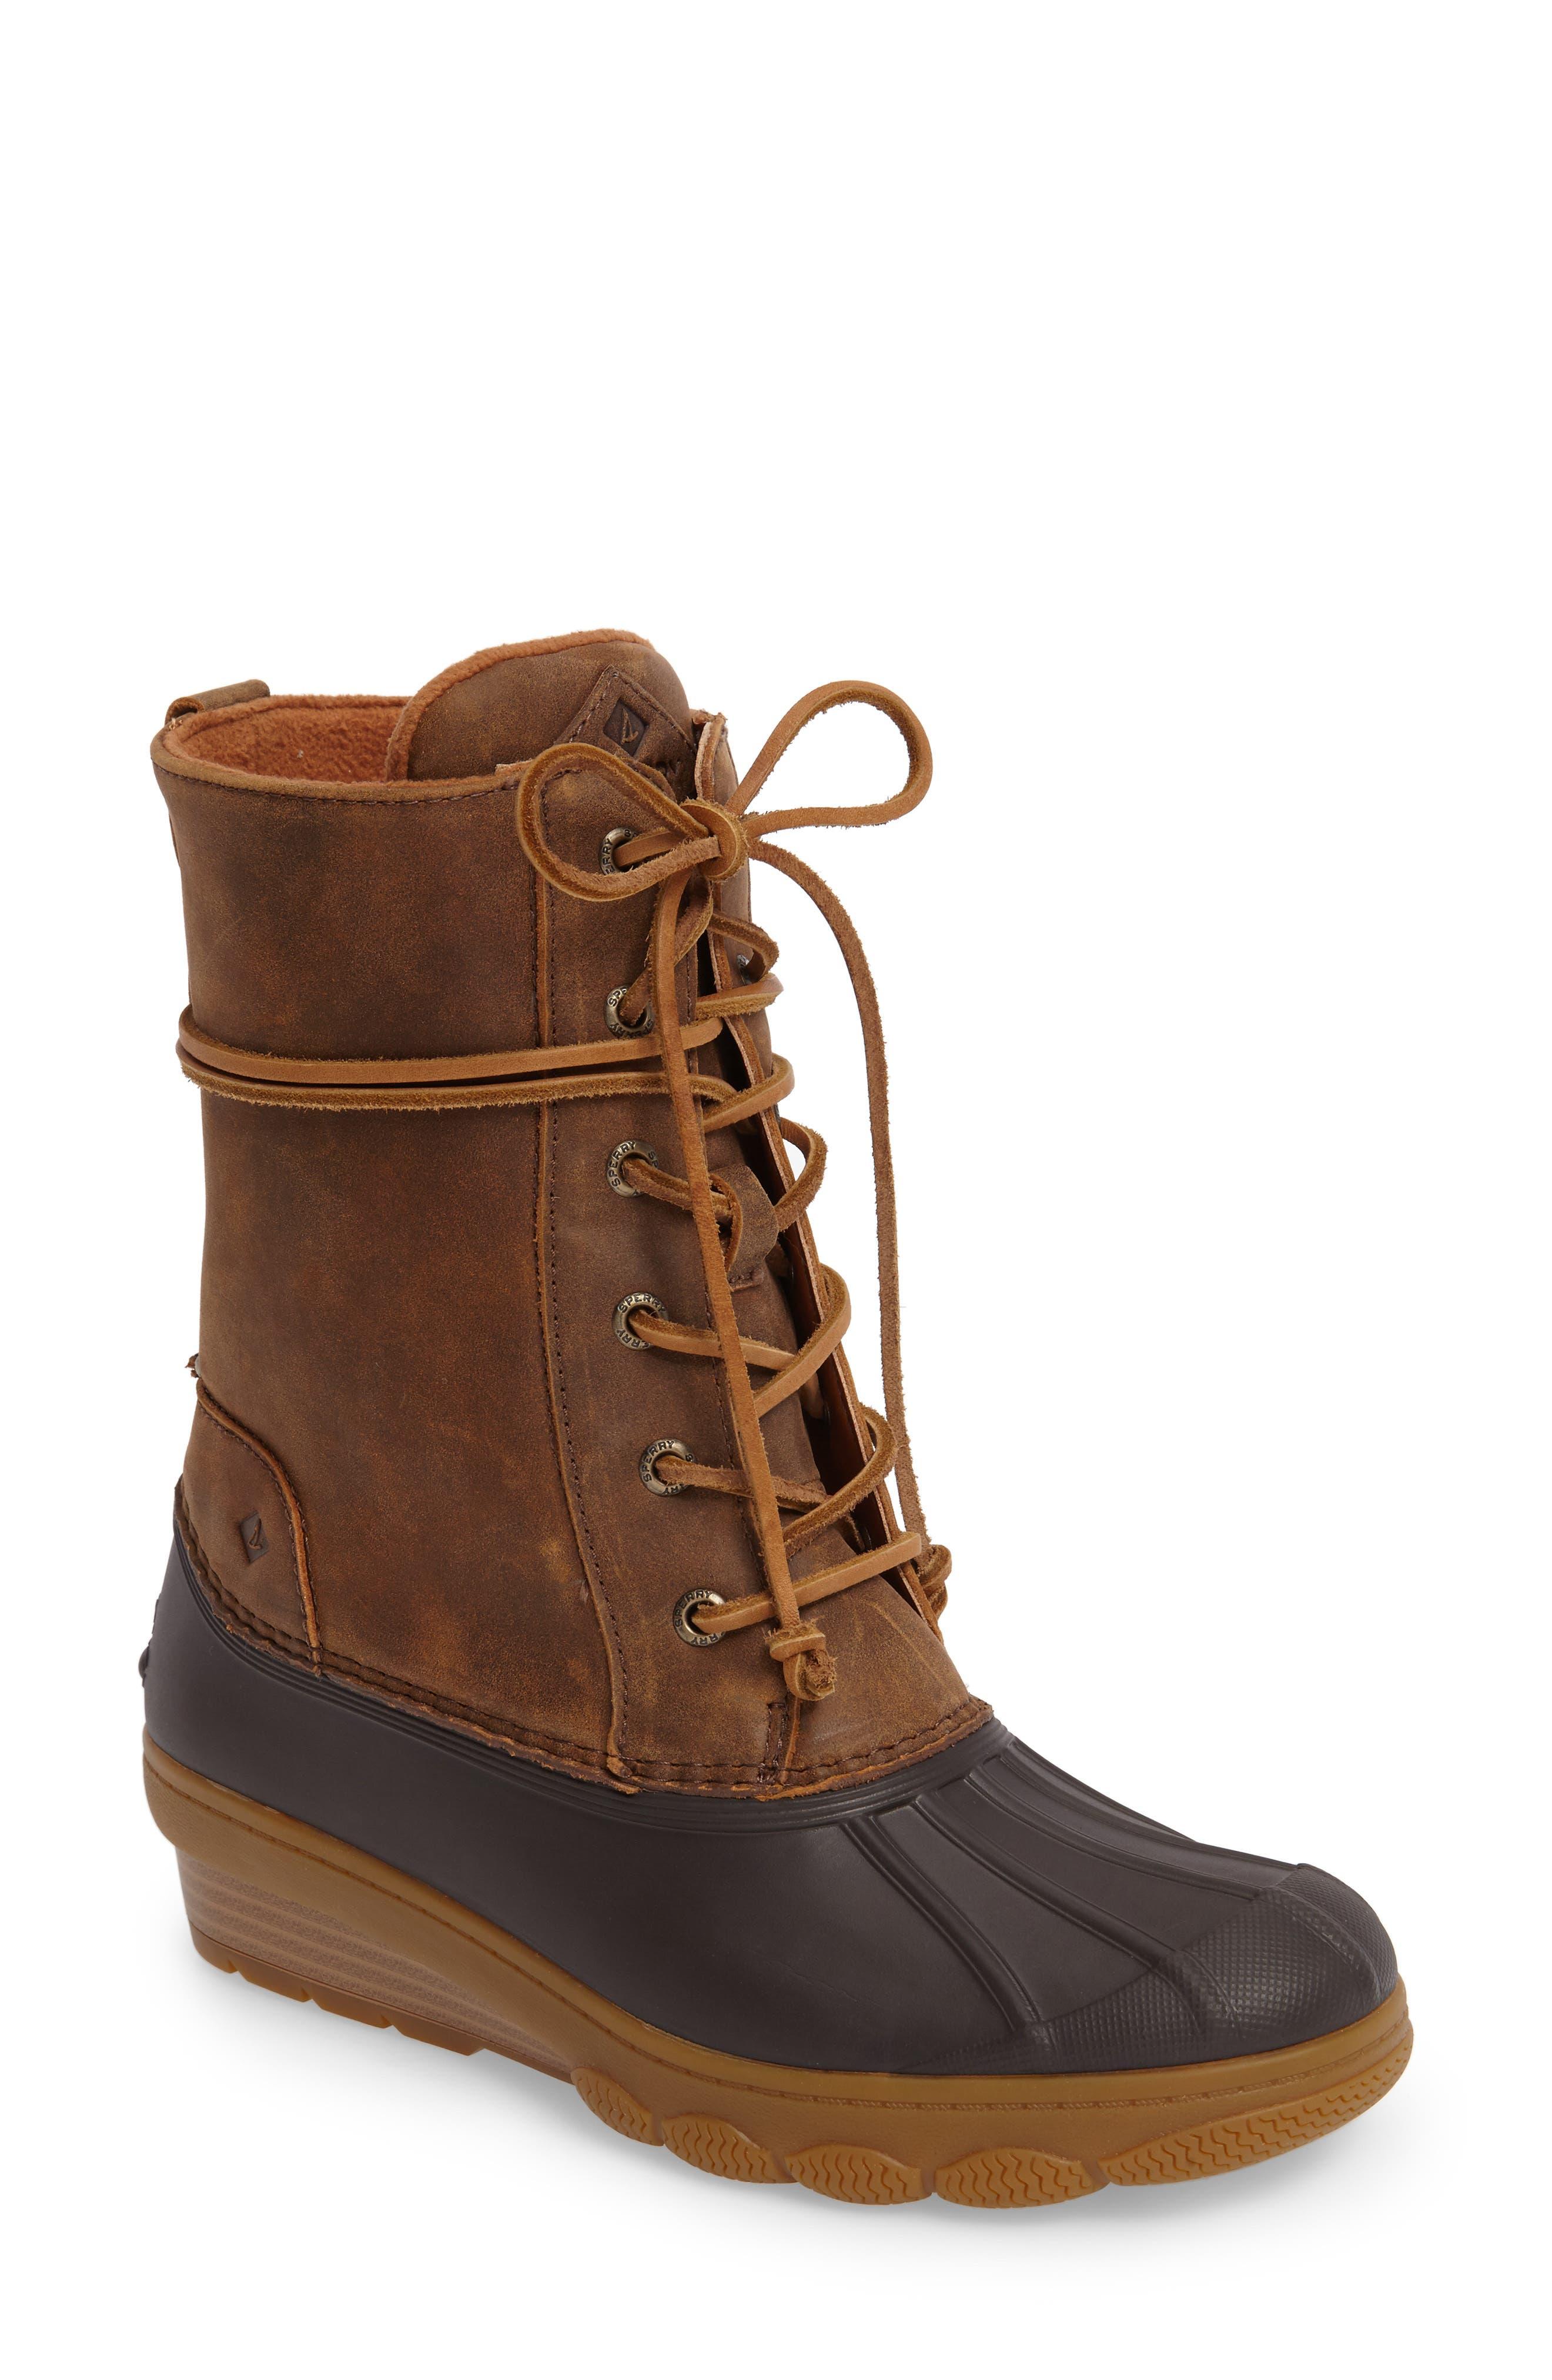 Alternate Image 1 Selected - Sperry Saltwater Wedge Reeve Waterproof Boot (Women)